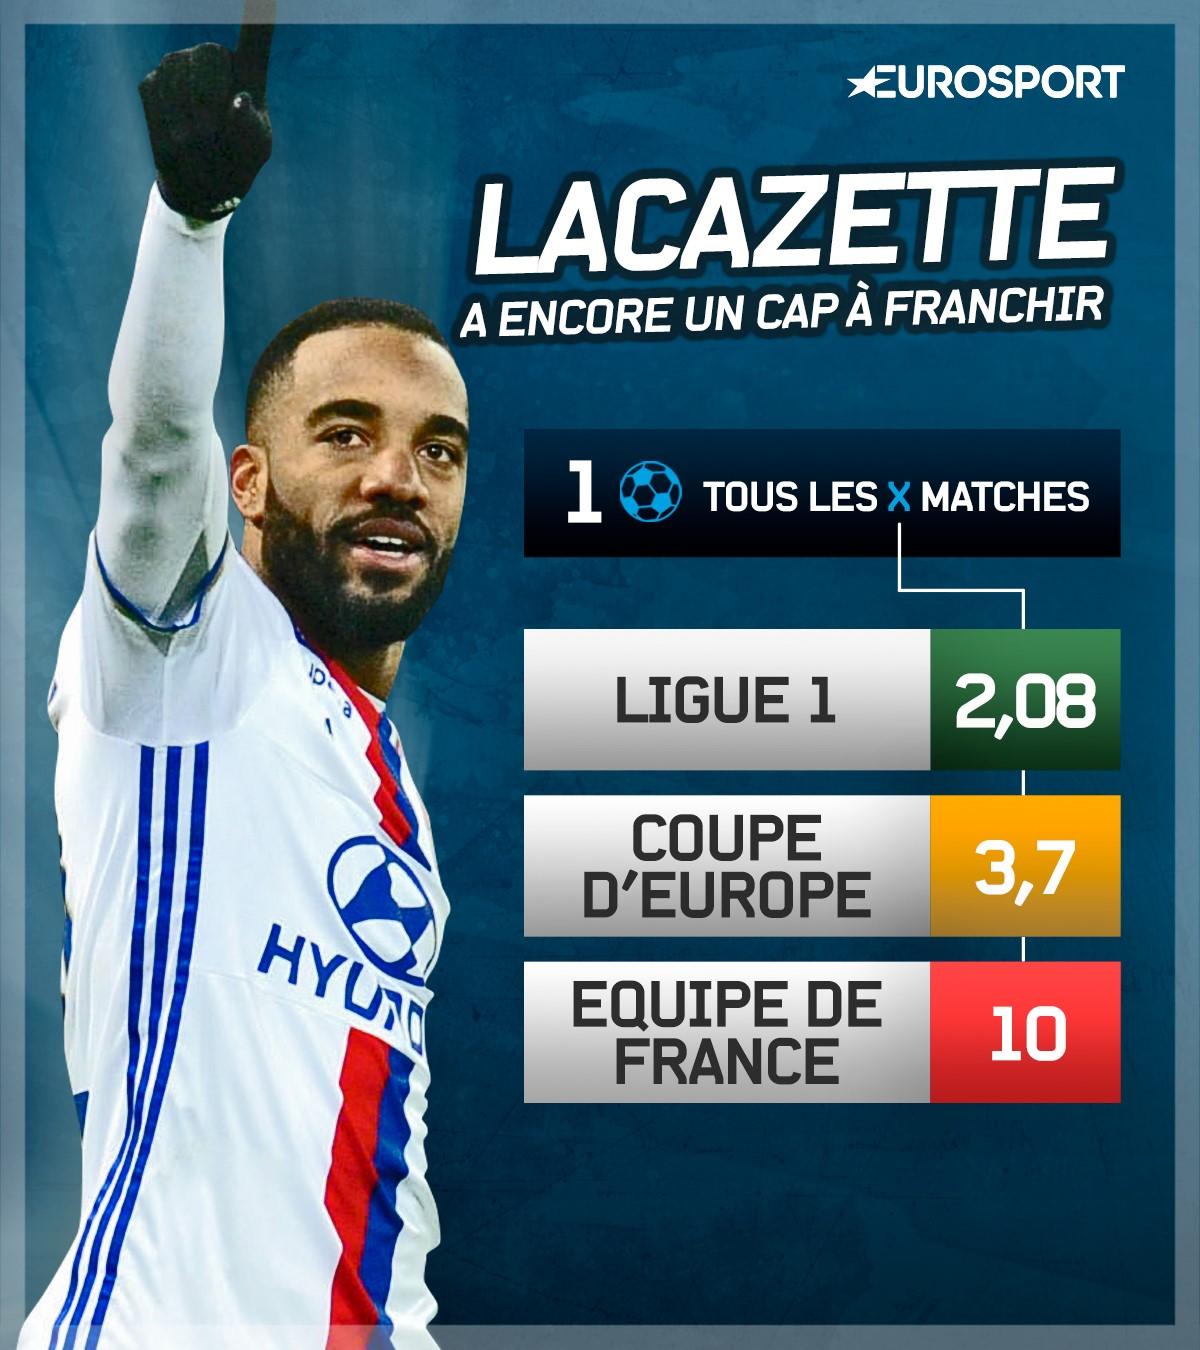 Alexandre Lacazette